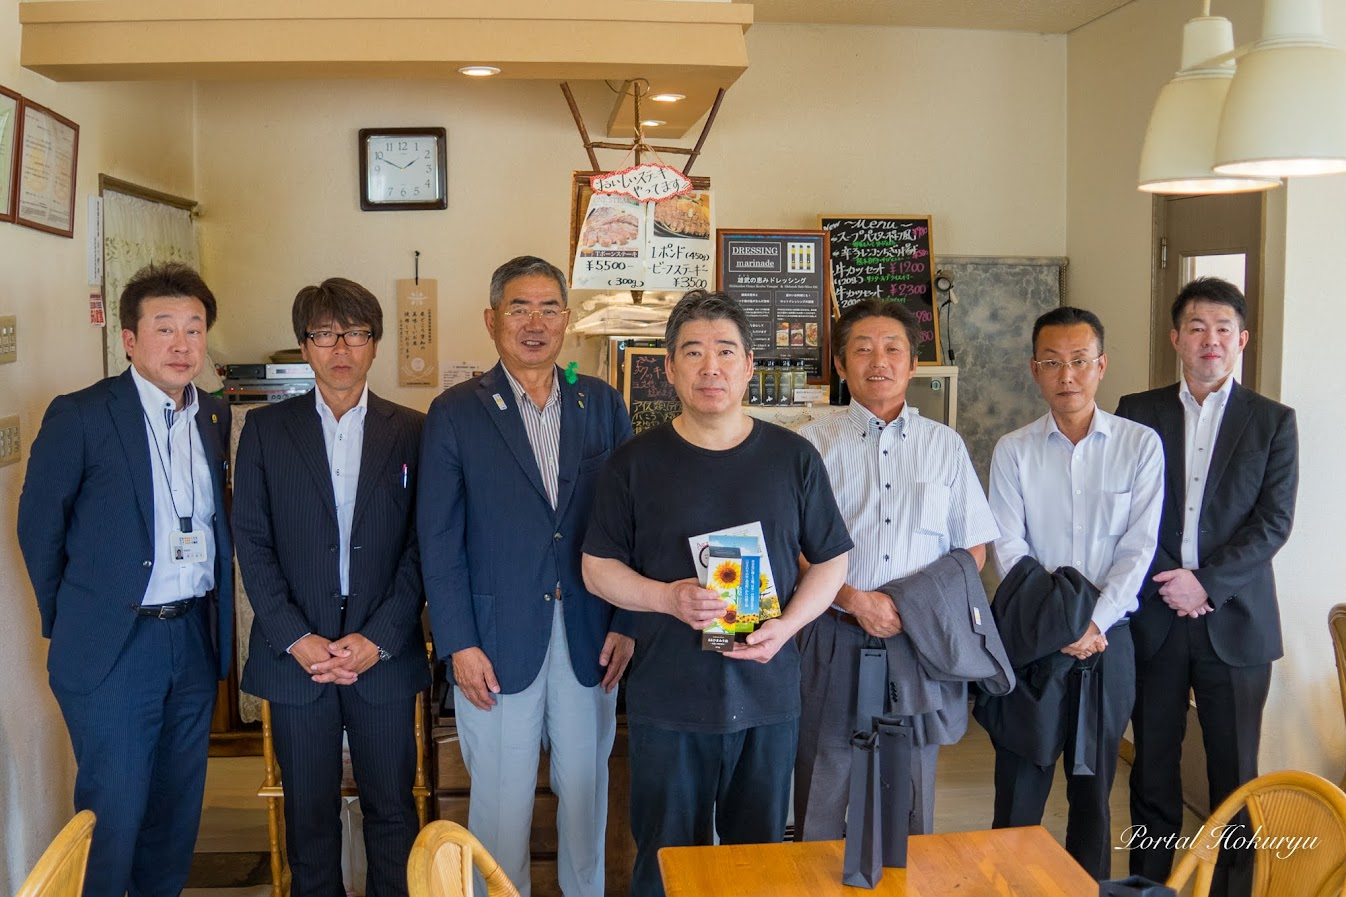 古川博幸オーナーと記念撮影